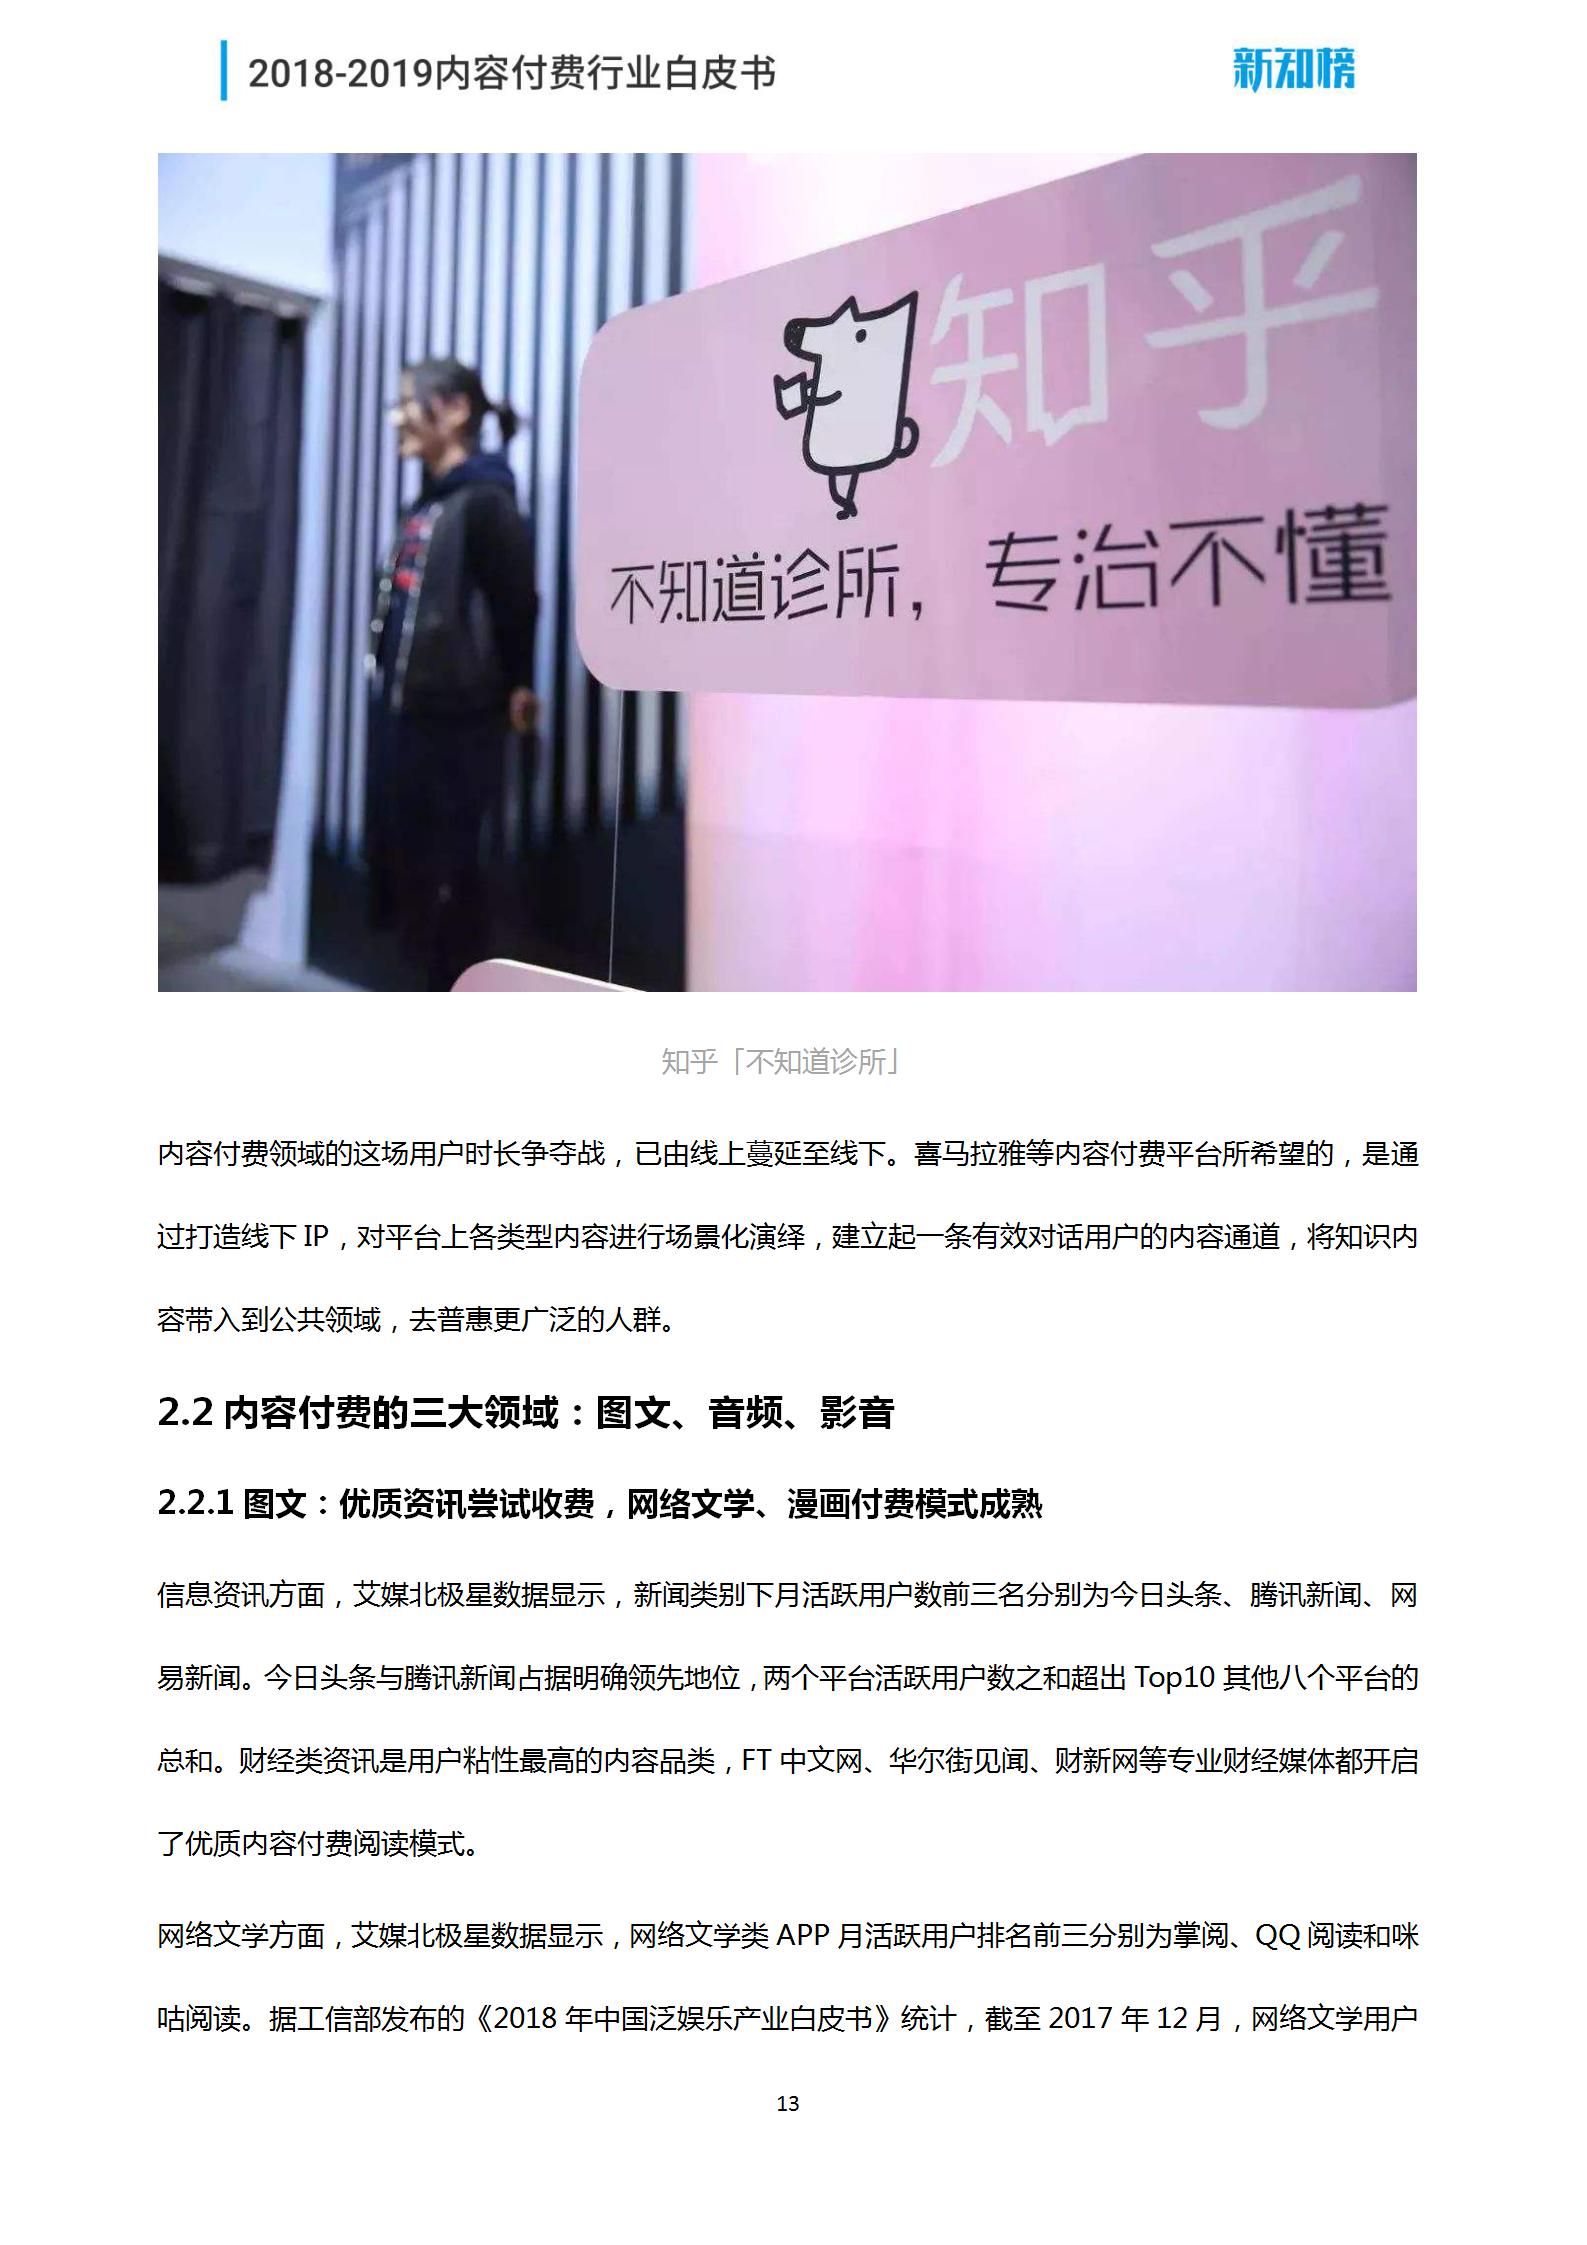 新知榜2018-2019内容付费行业白皮书_13.png